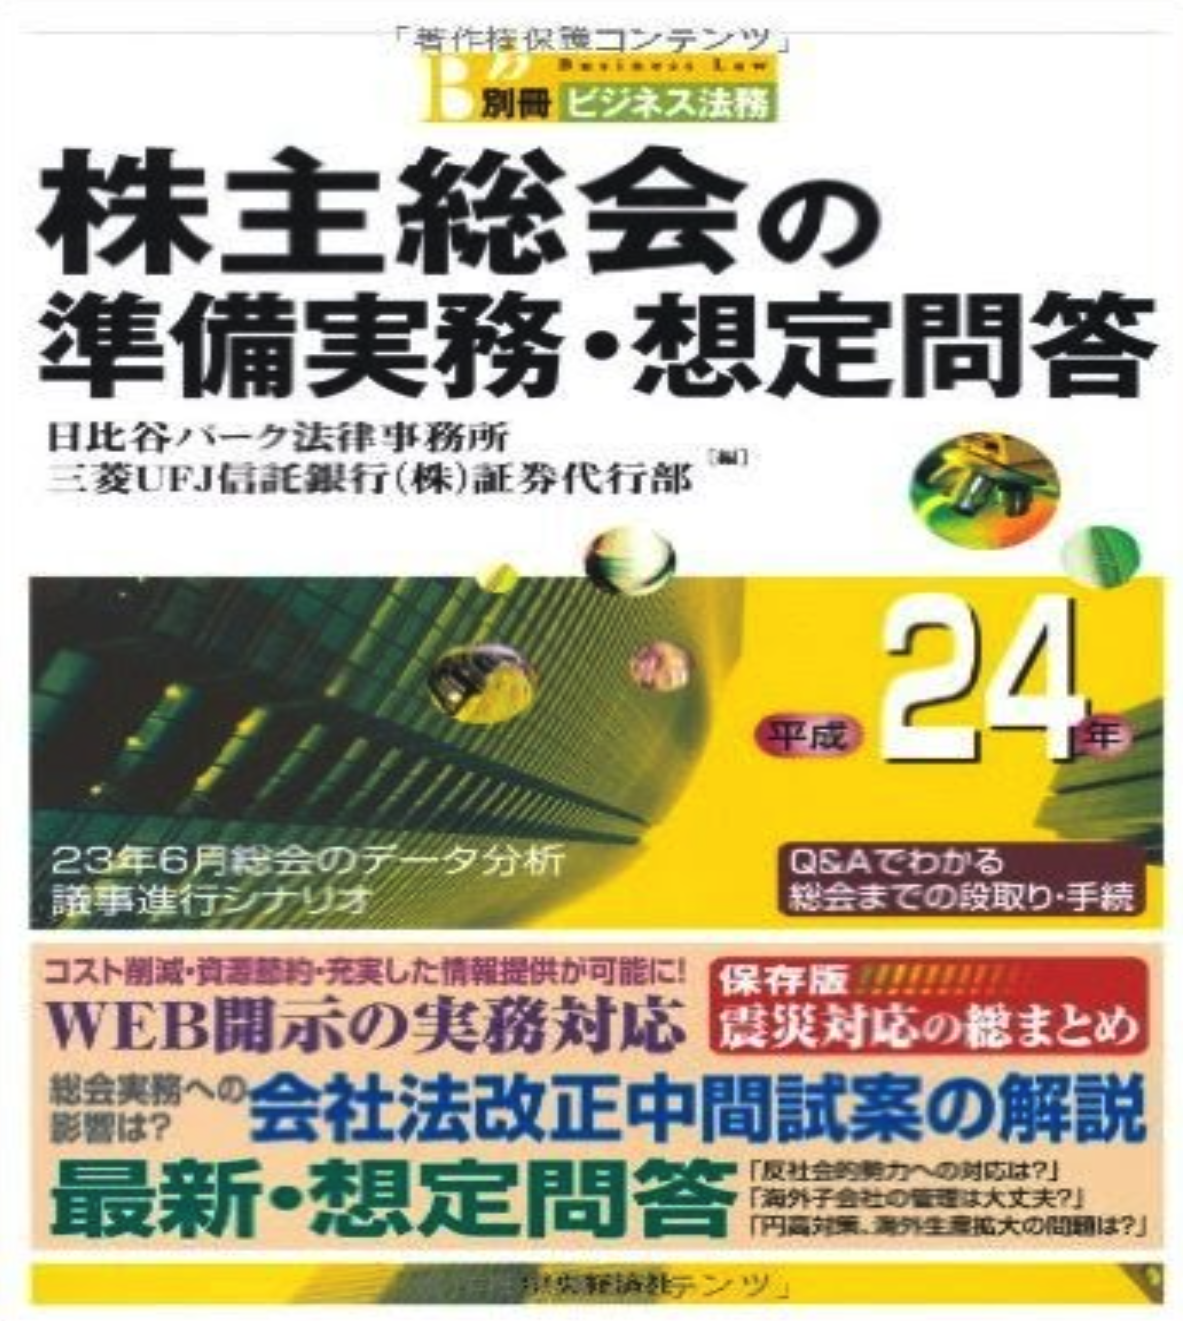 中央経済社   2012年2月